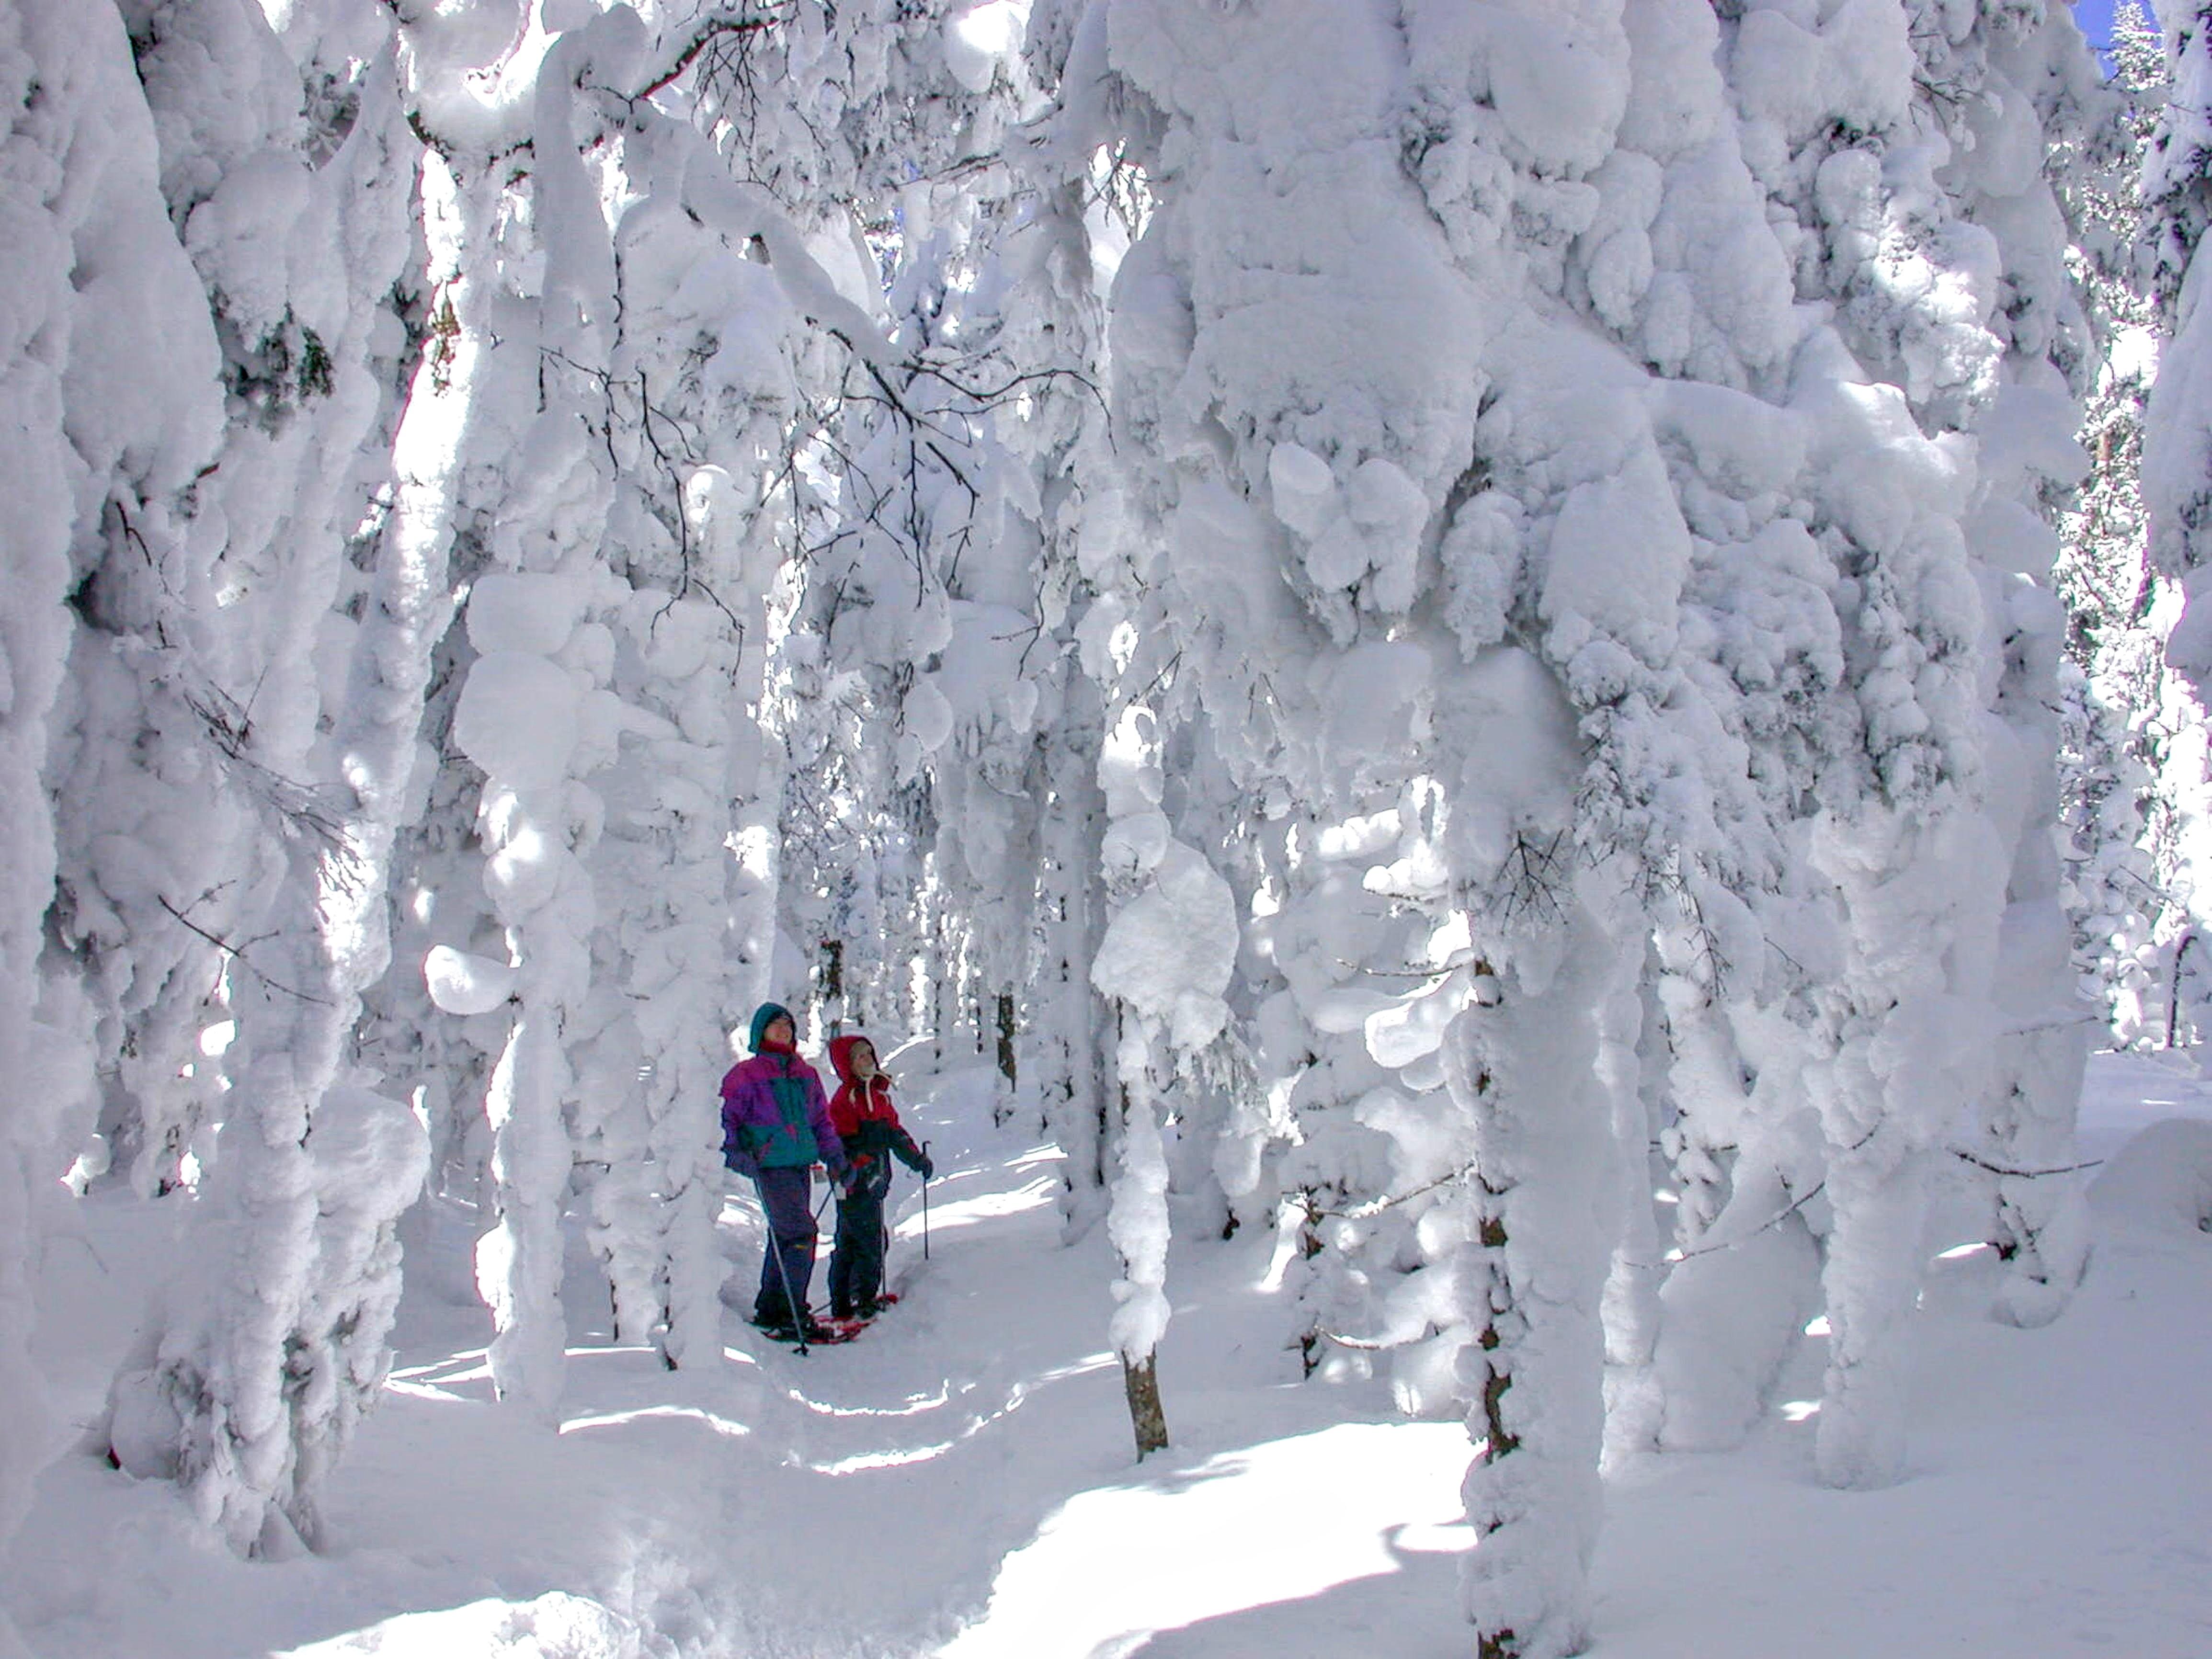 6 randonn es parmi les fant mes de neige espaces - La ren des neige ...